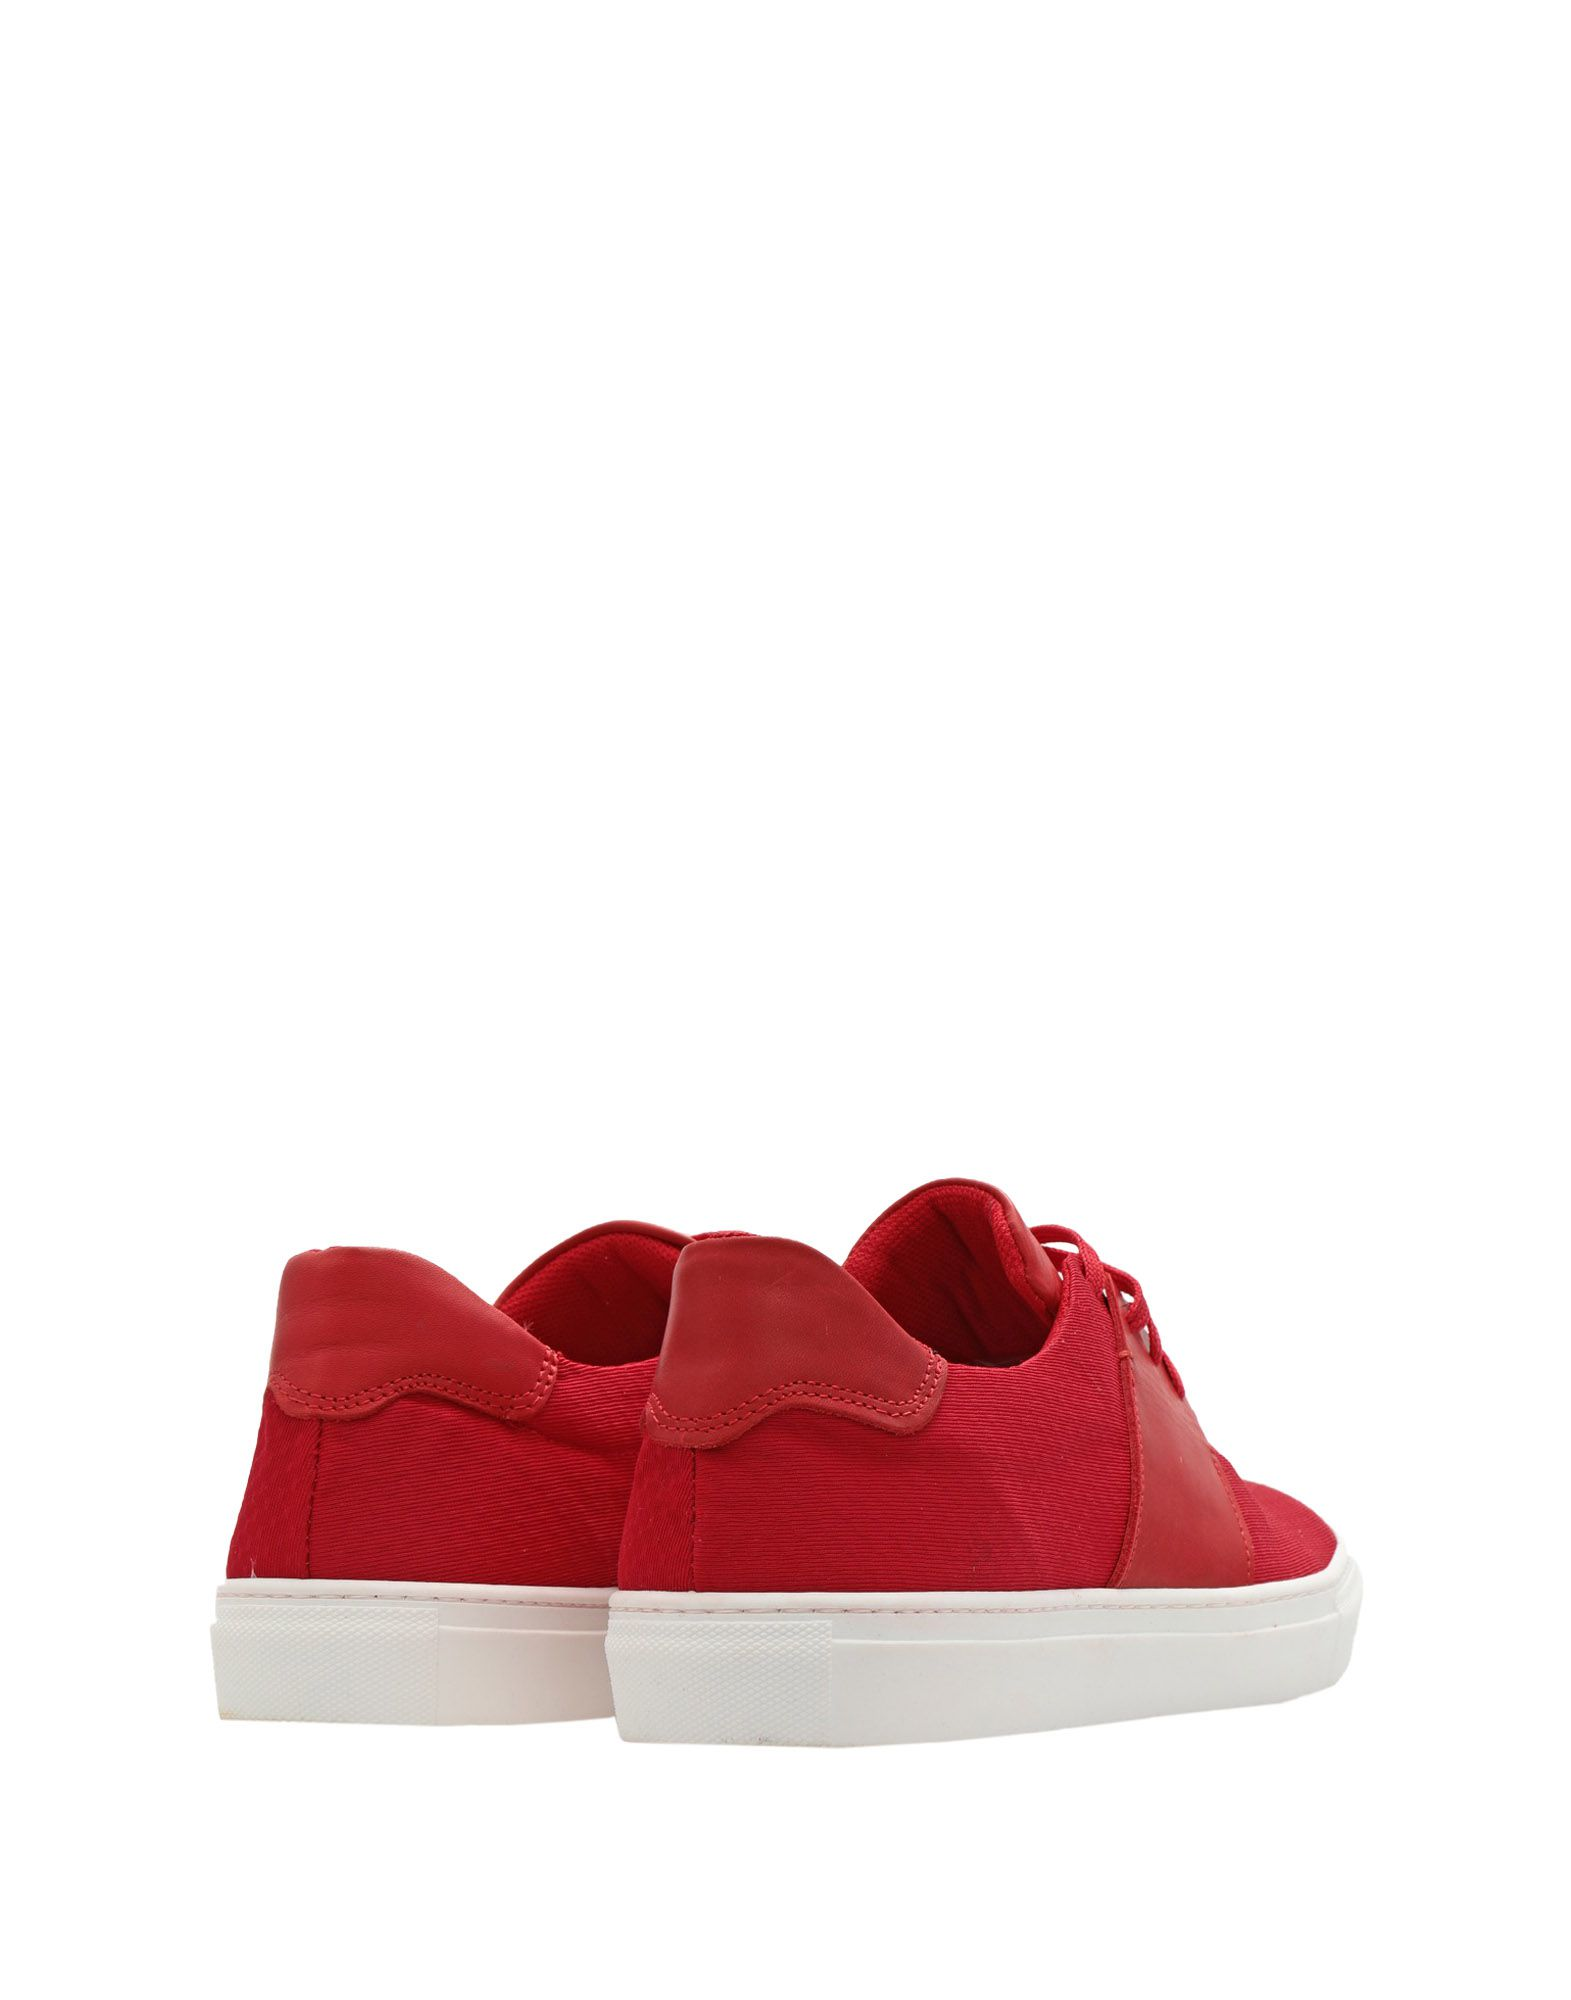 Rabatt Herren echte Schuhe Edwa Sneakers Herren Rabatt  11458304TQ 9d1cb5